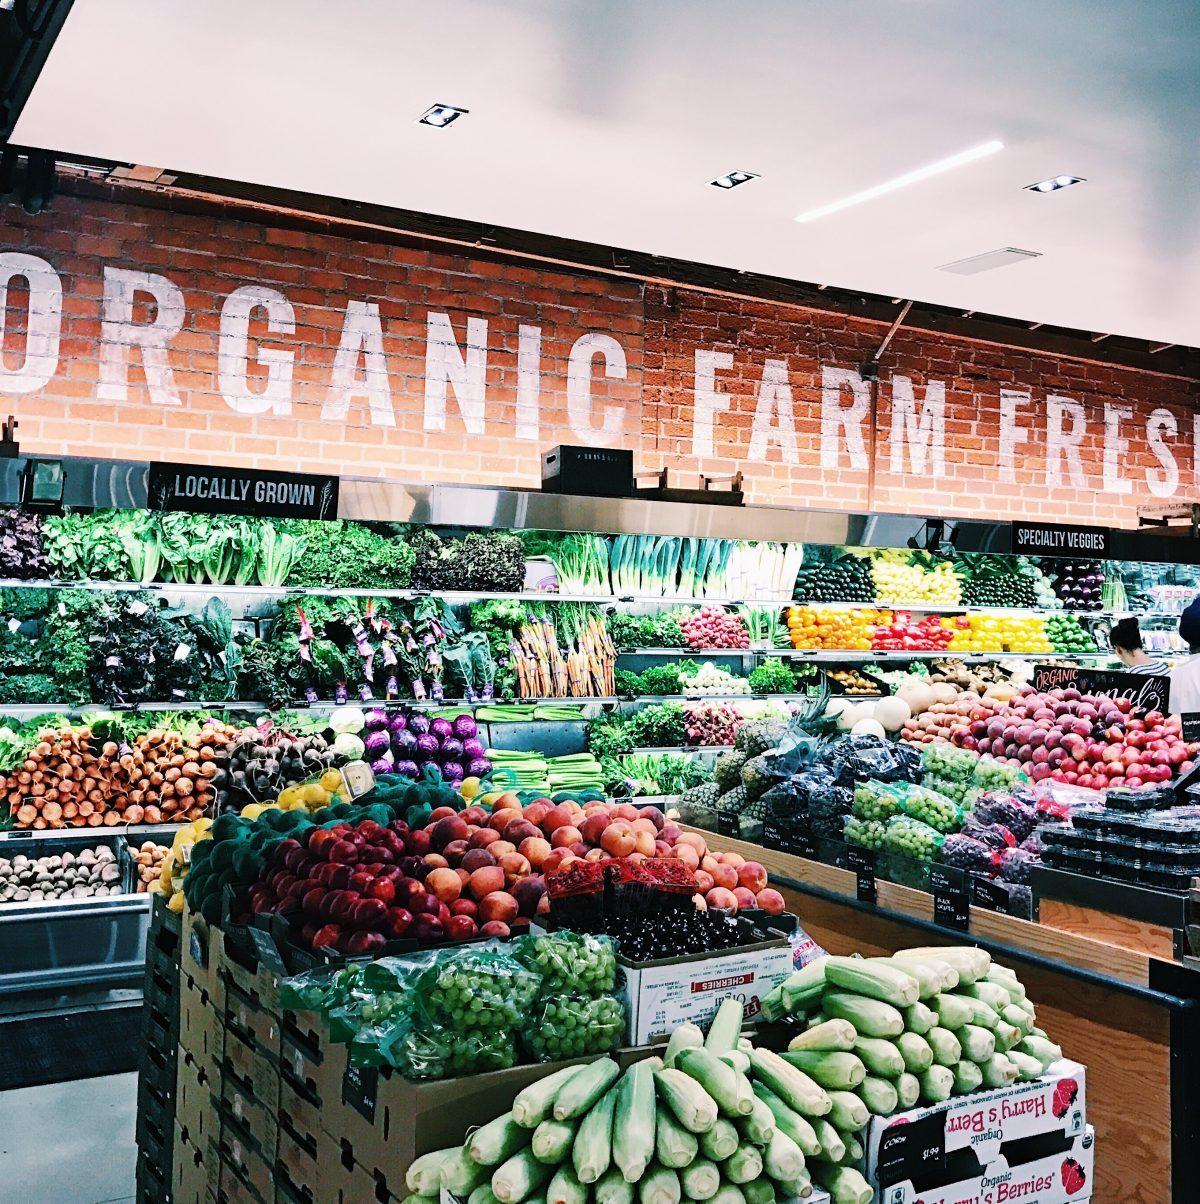 LA supermarket